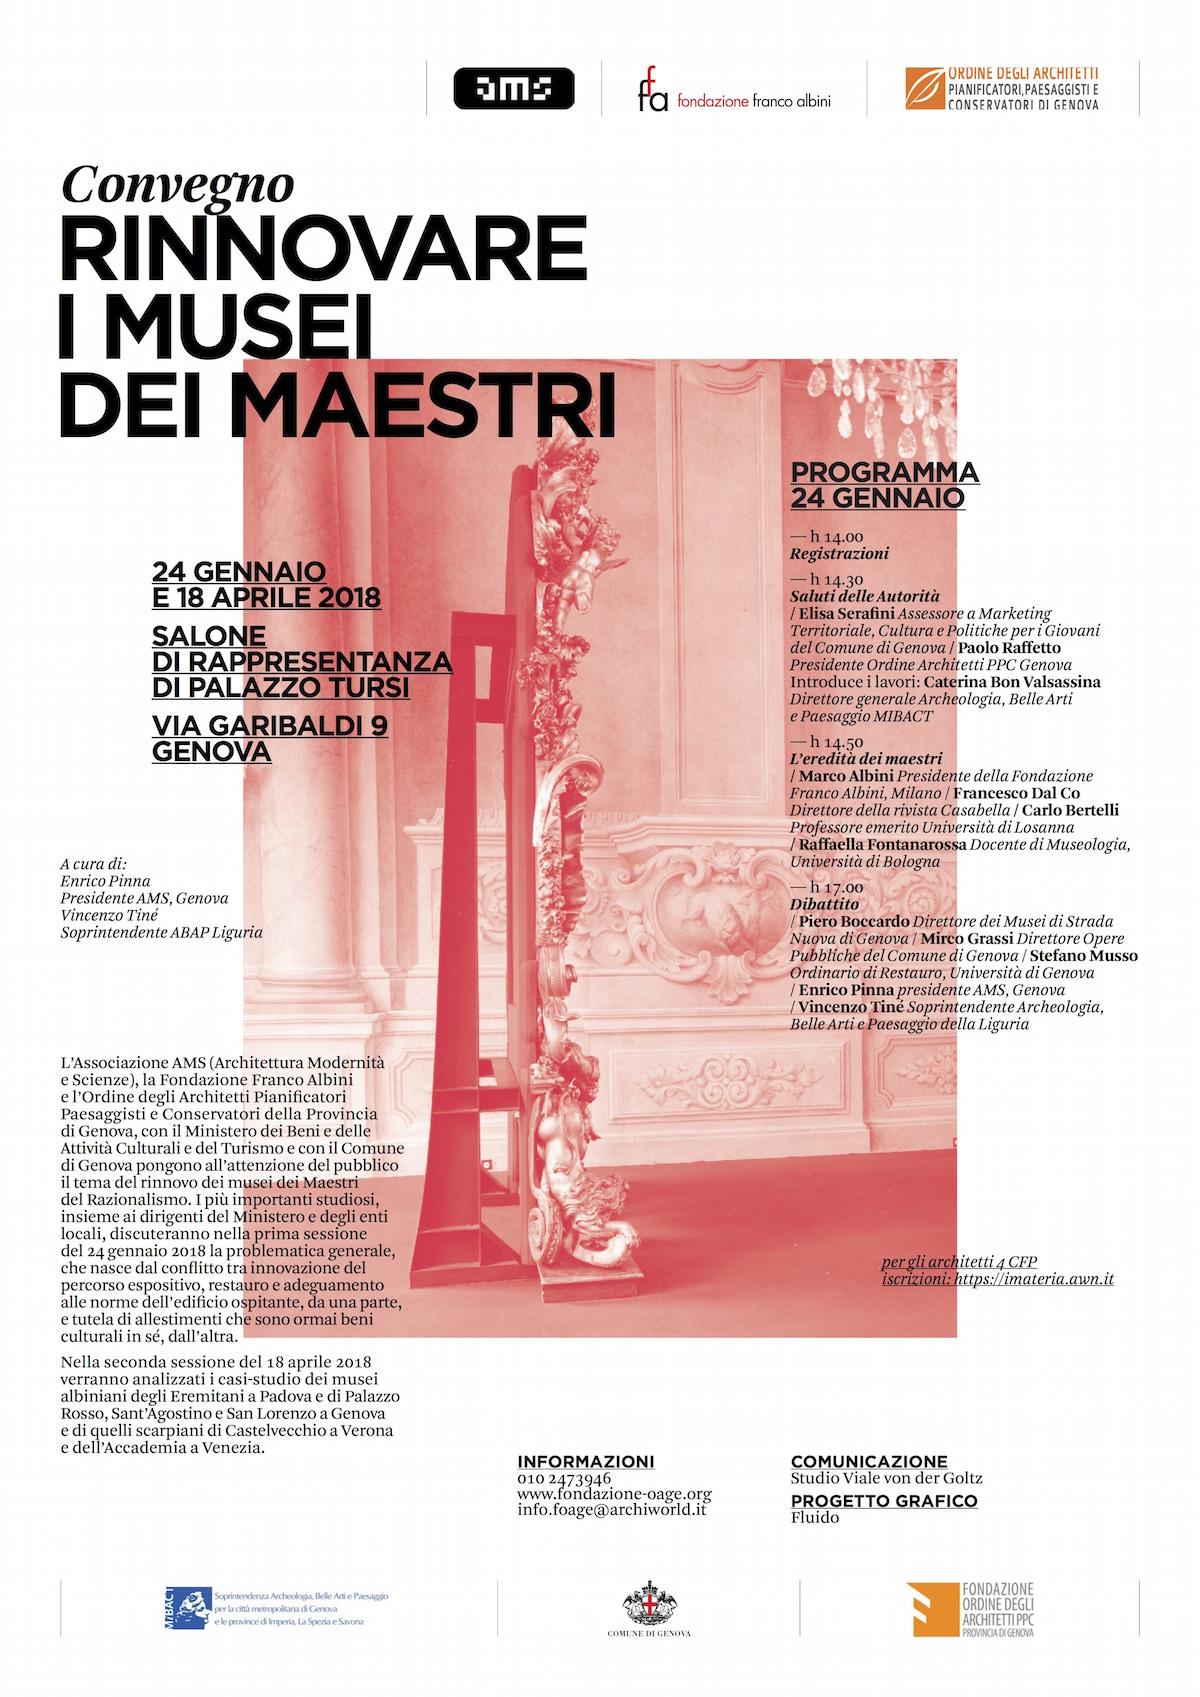 rinnovare_i_musei_dei_maestri